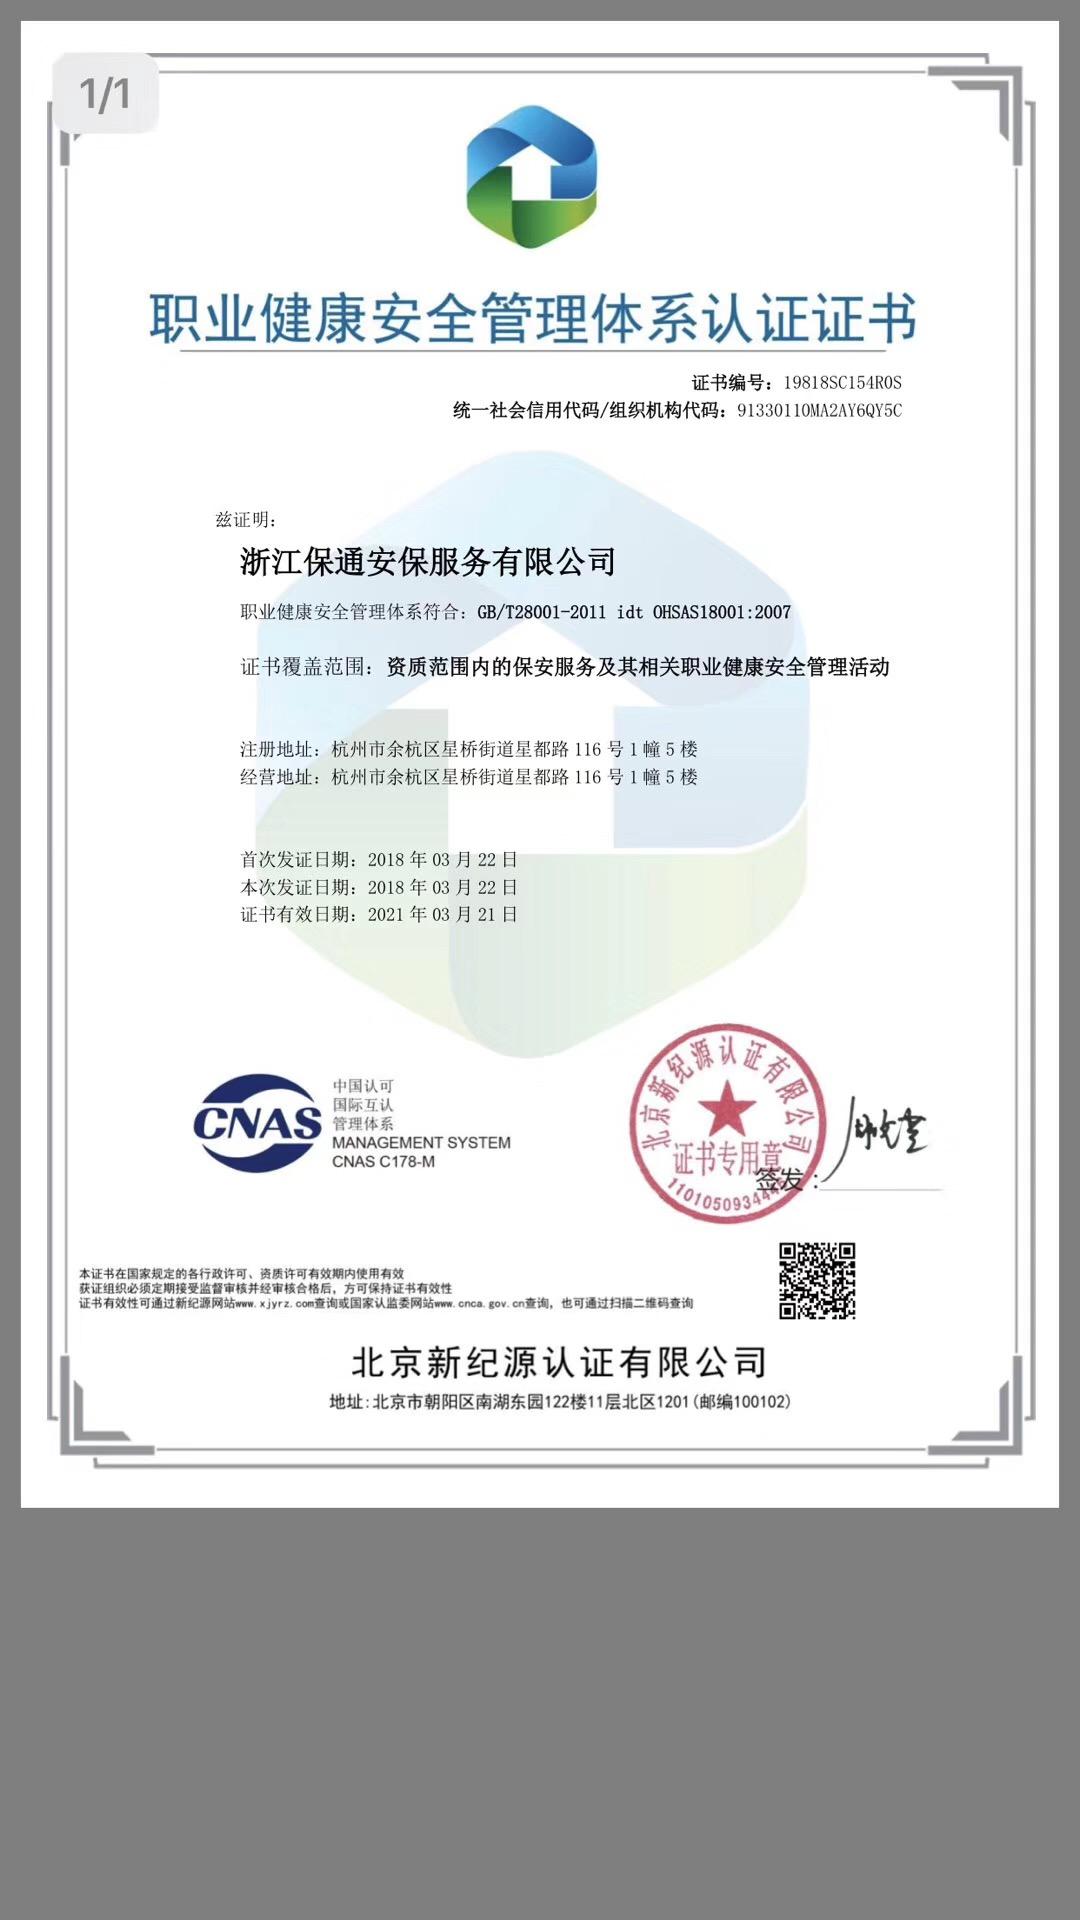 姜堰ISO9001质量体系要什么资料